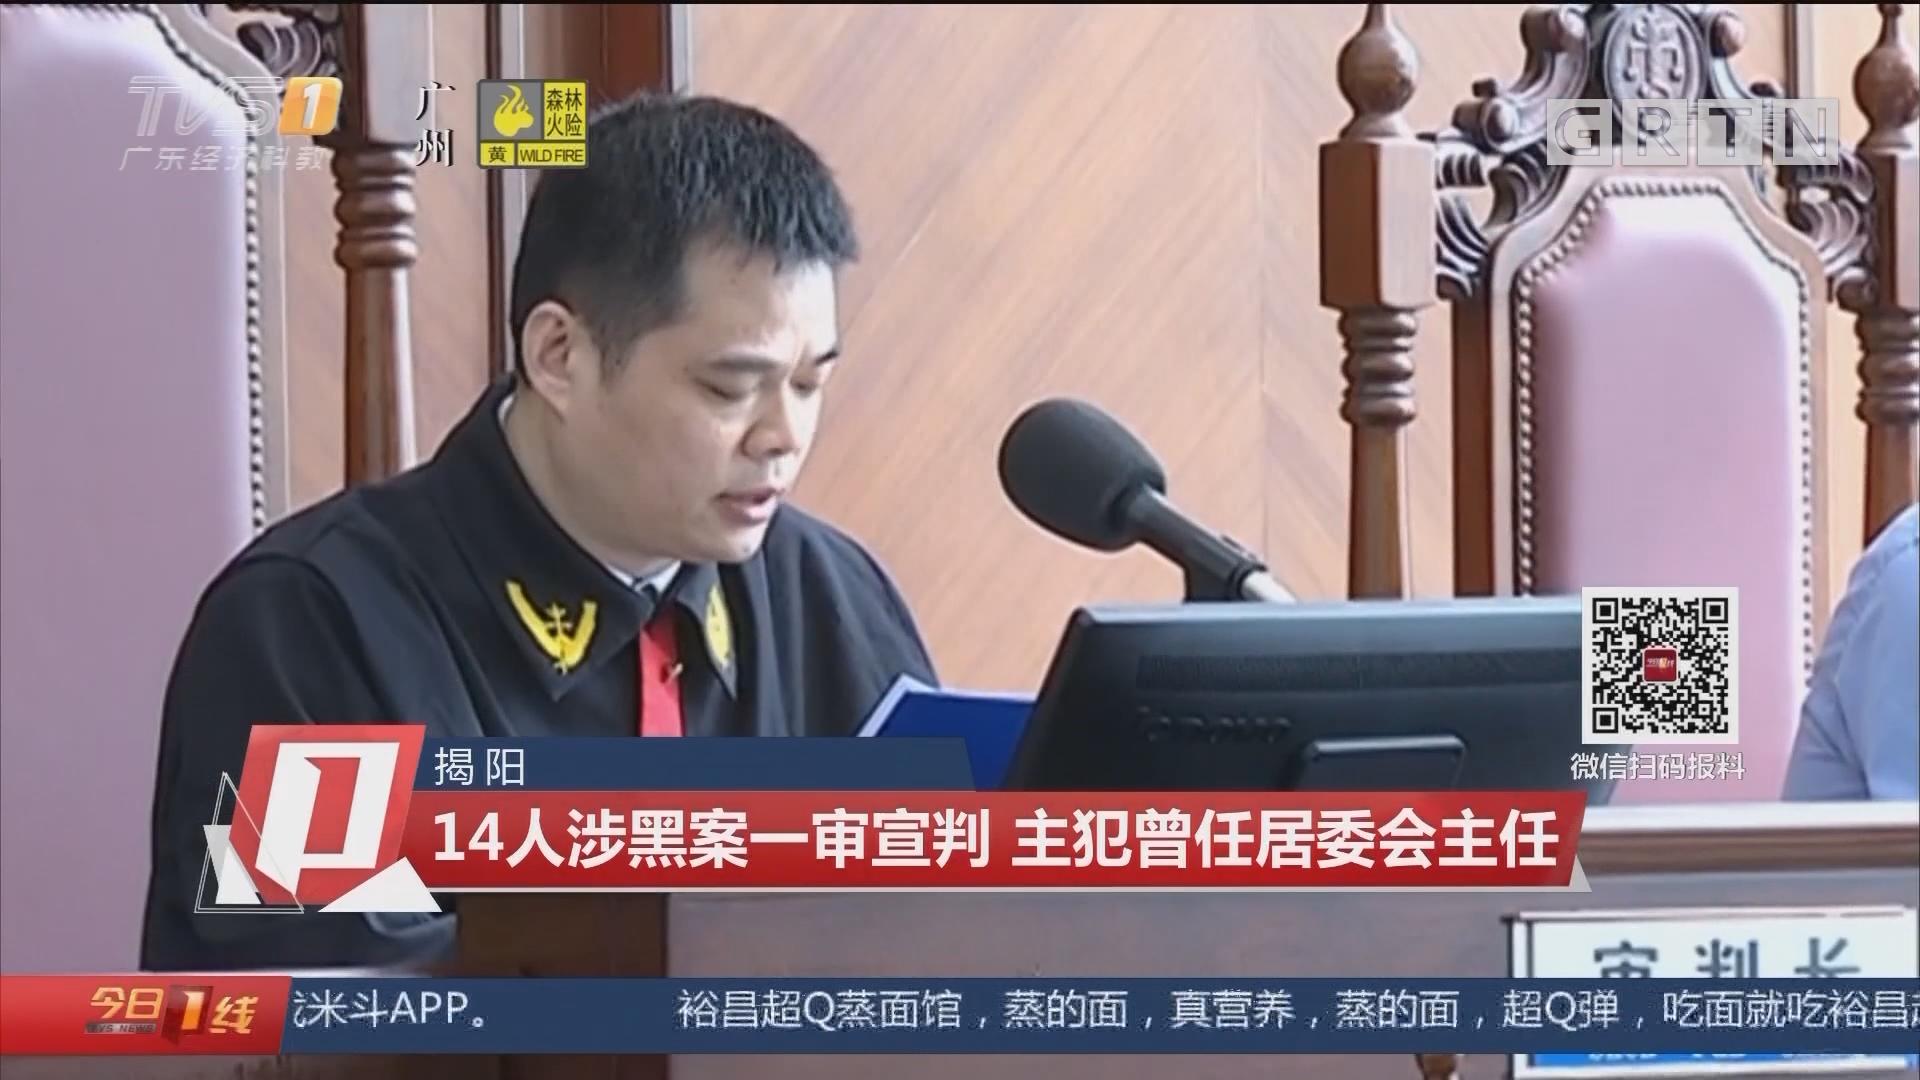 揭阳:14人涉黑案一审宣判 主犯曾任居委会主任